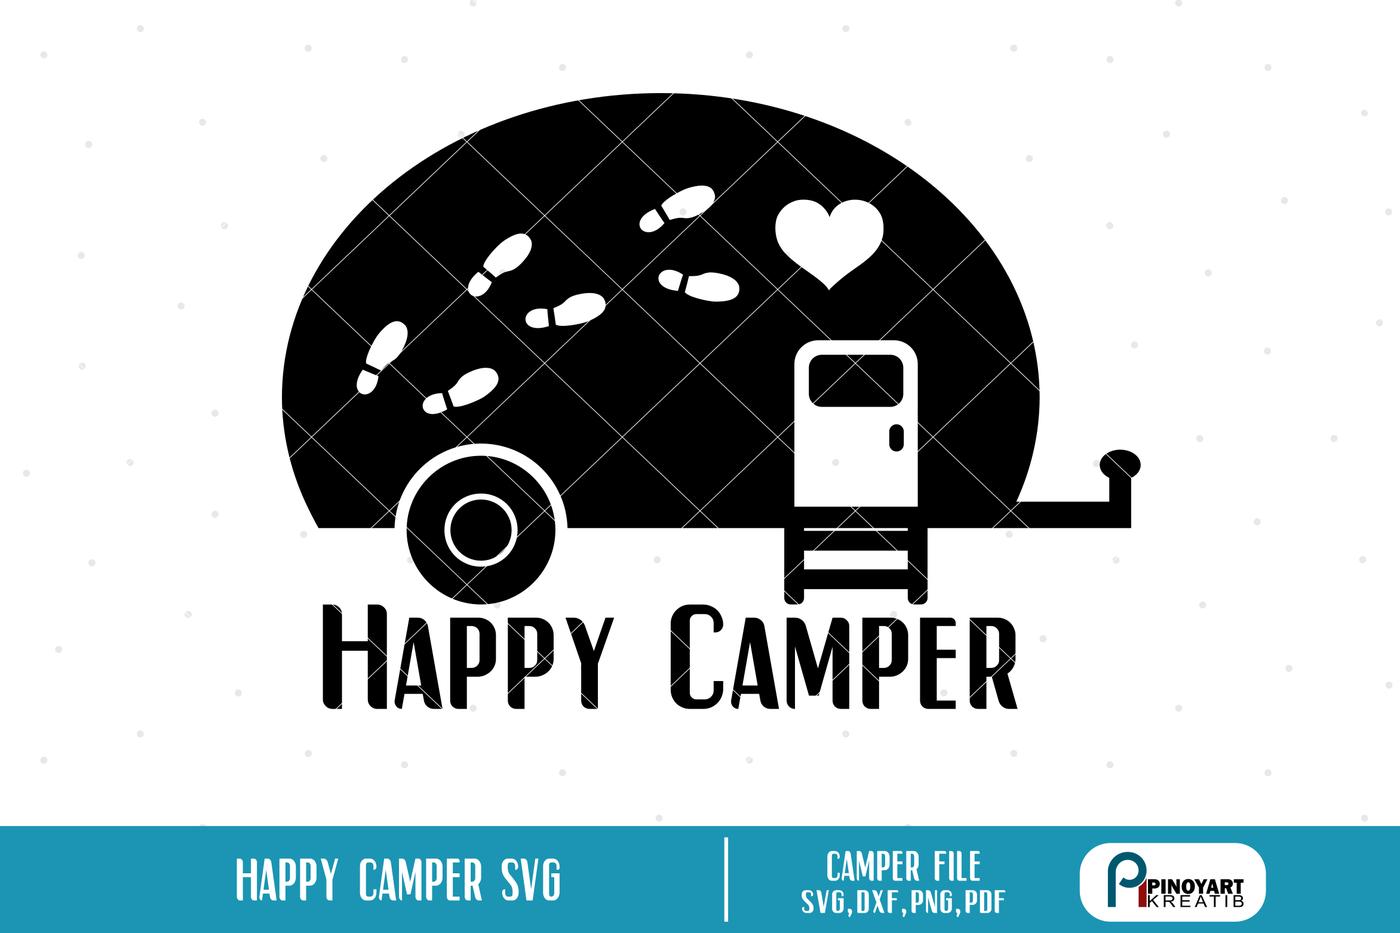 Happy Camper Svg Camper Svg Happy Camper Svg File Camper Svg